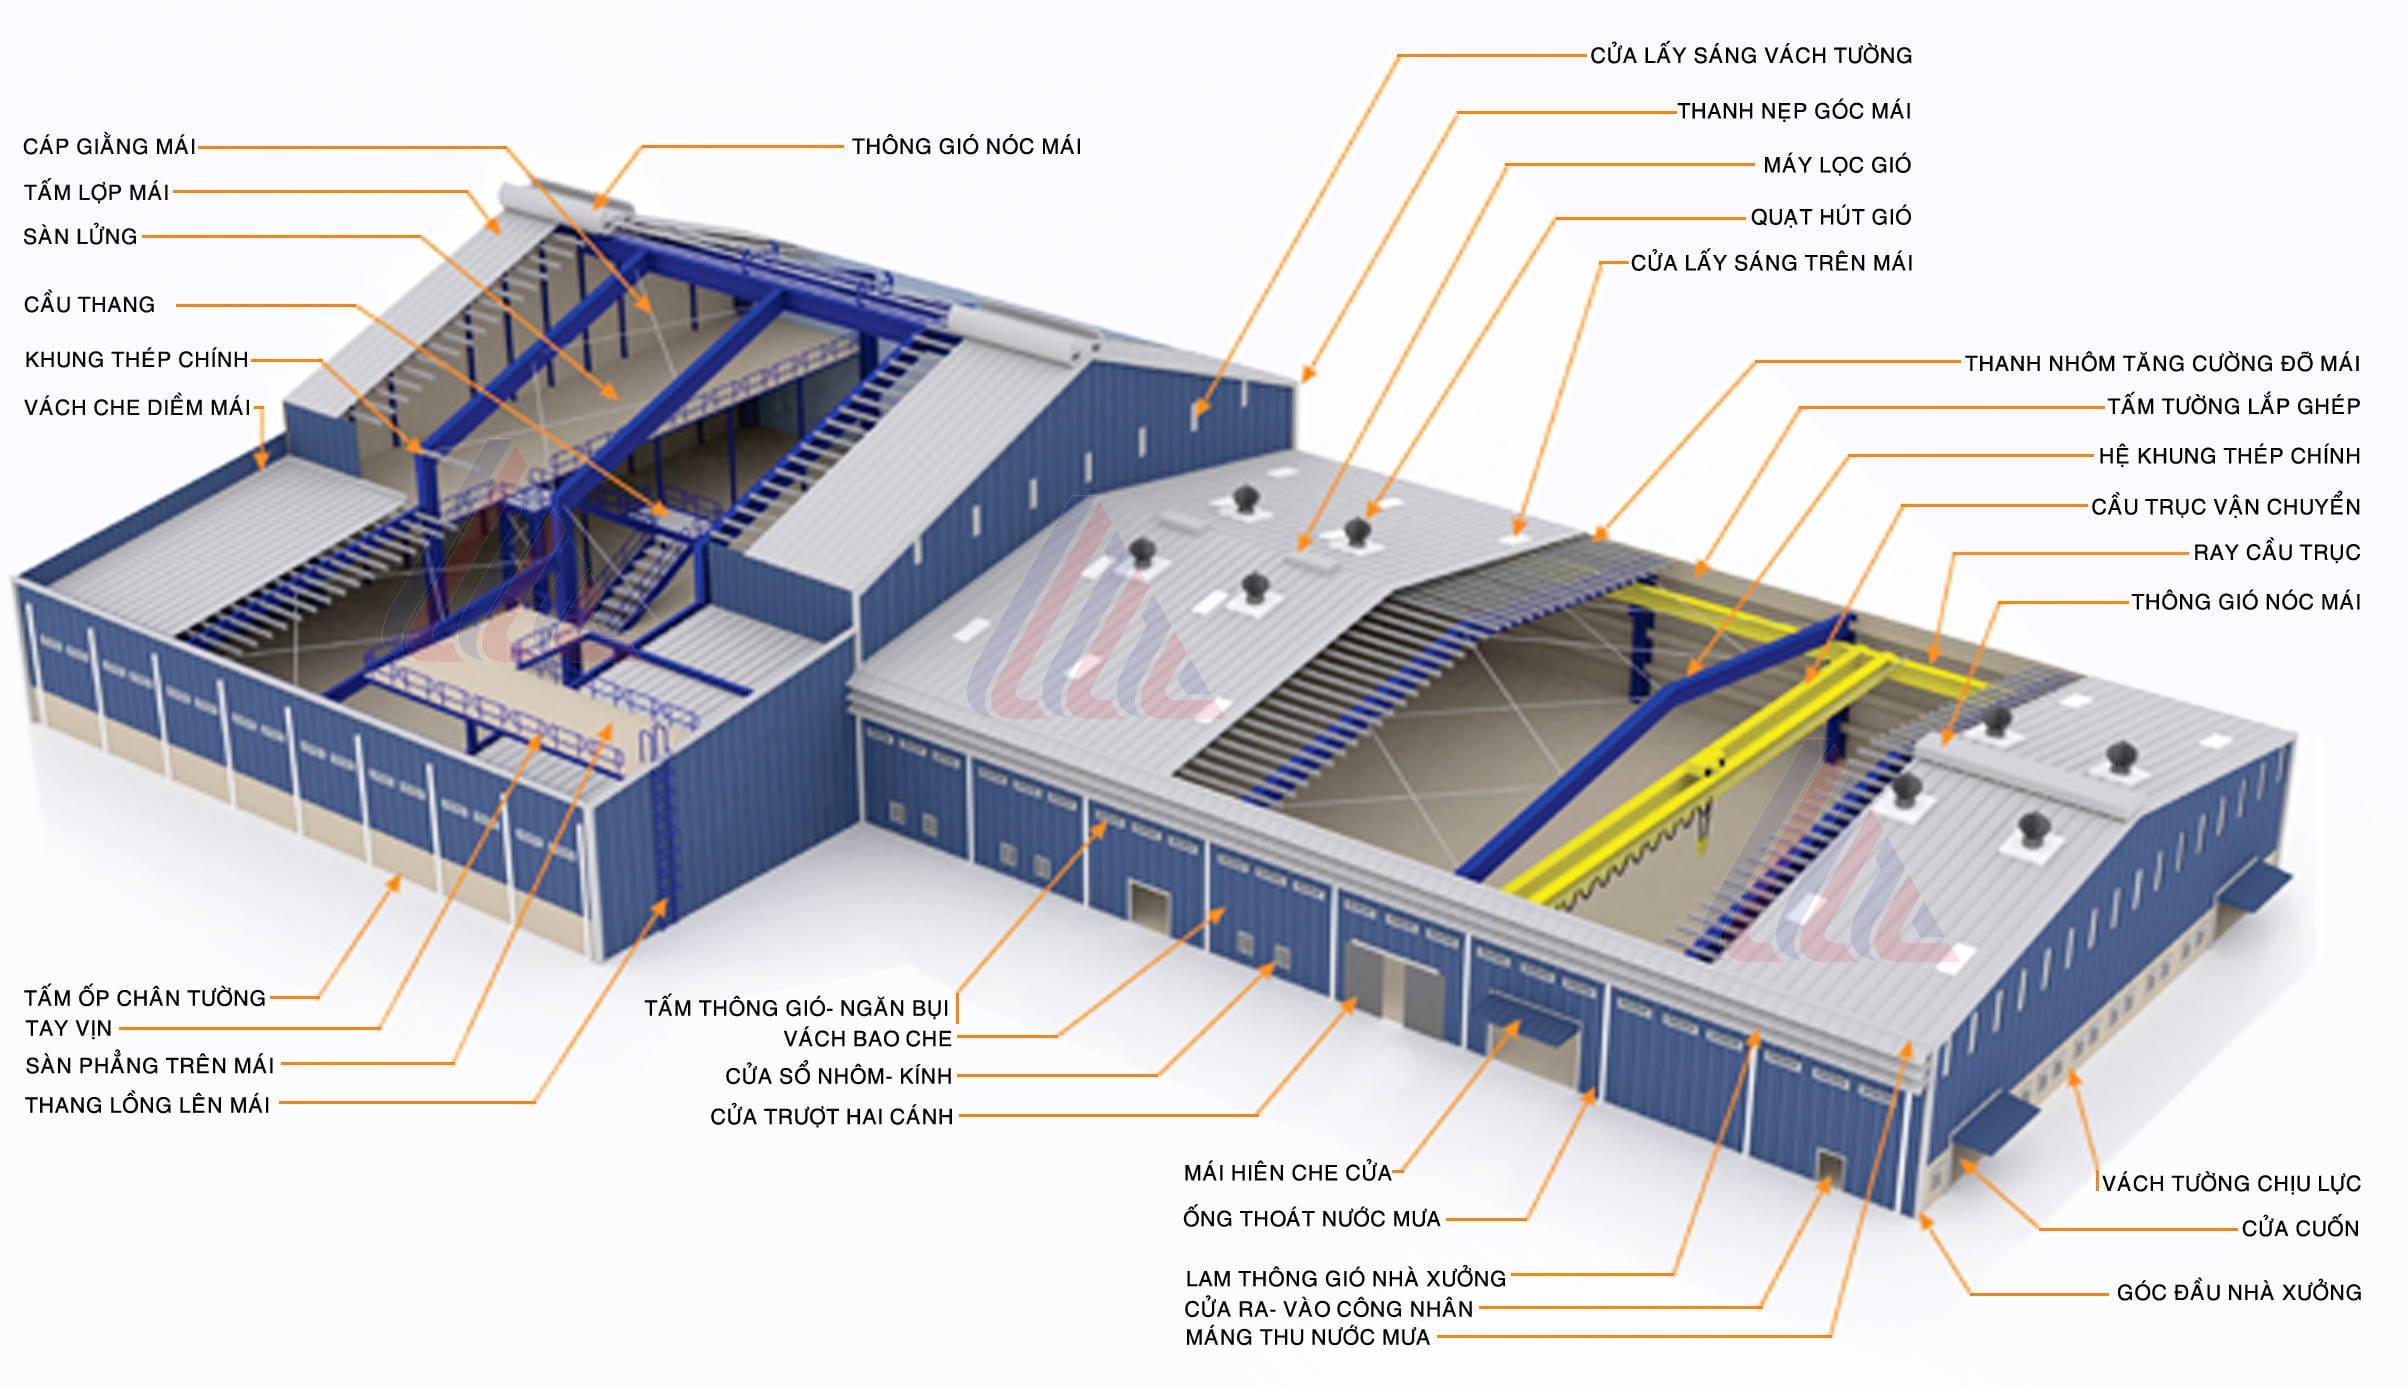 Cấu tạo nhà công nghiệp kết cấu thép